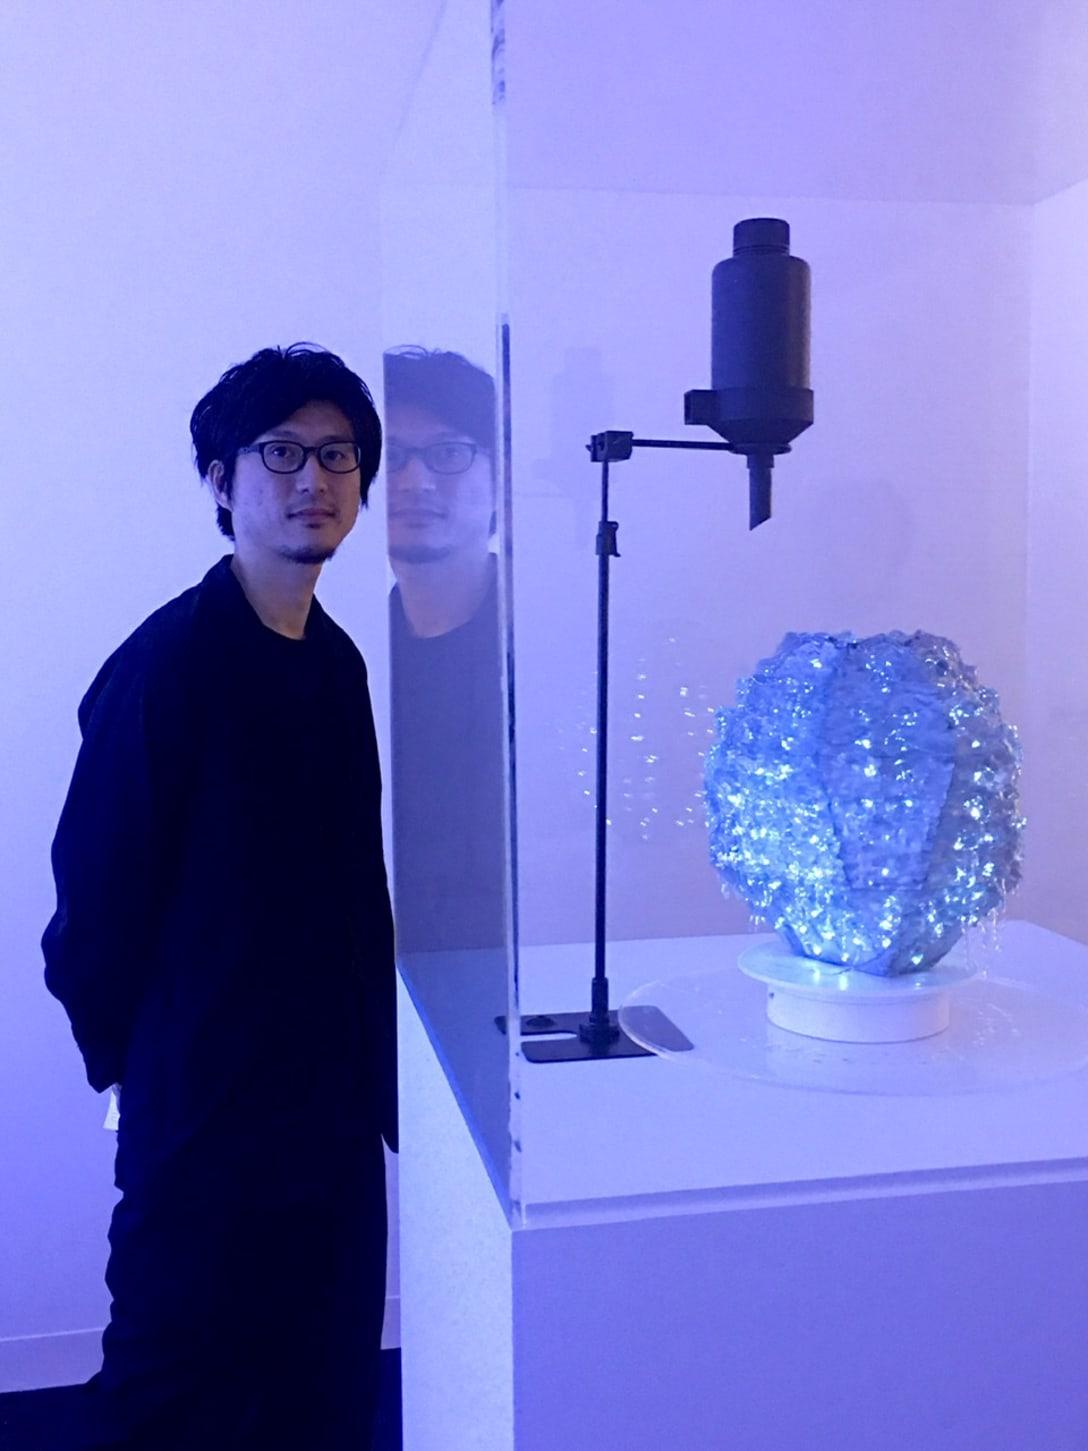 タクトプロジェクトの作品「glow ⇄ grow : pottery」と代表の吉泉聡。 2019年12月、注目を集めたデザイン・マイアミでの展示の様子。Image by Ryuko Kida